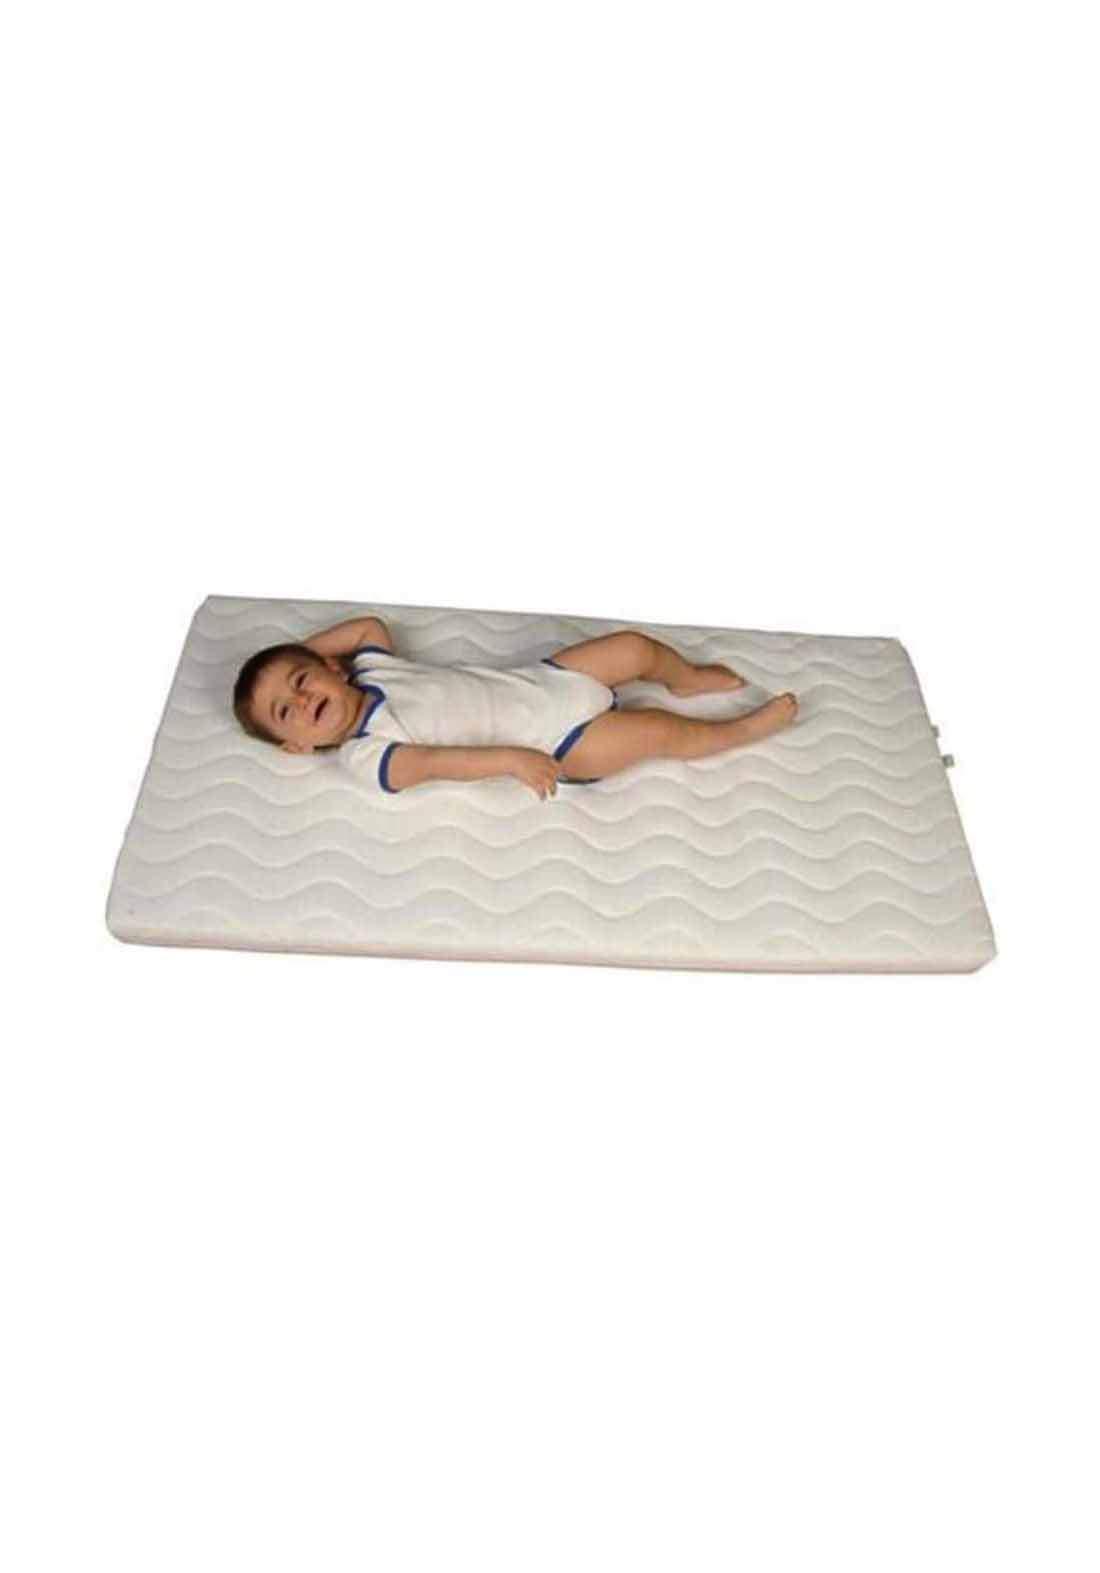 Babyjem 024 Bed Sponge فراش للاطفال